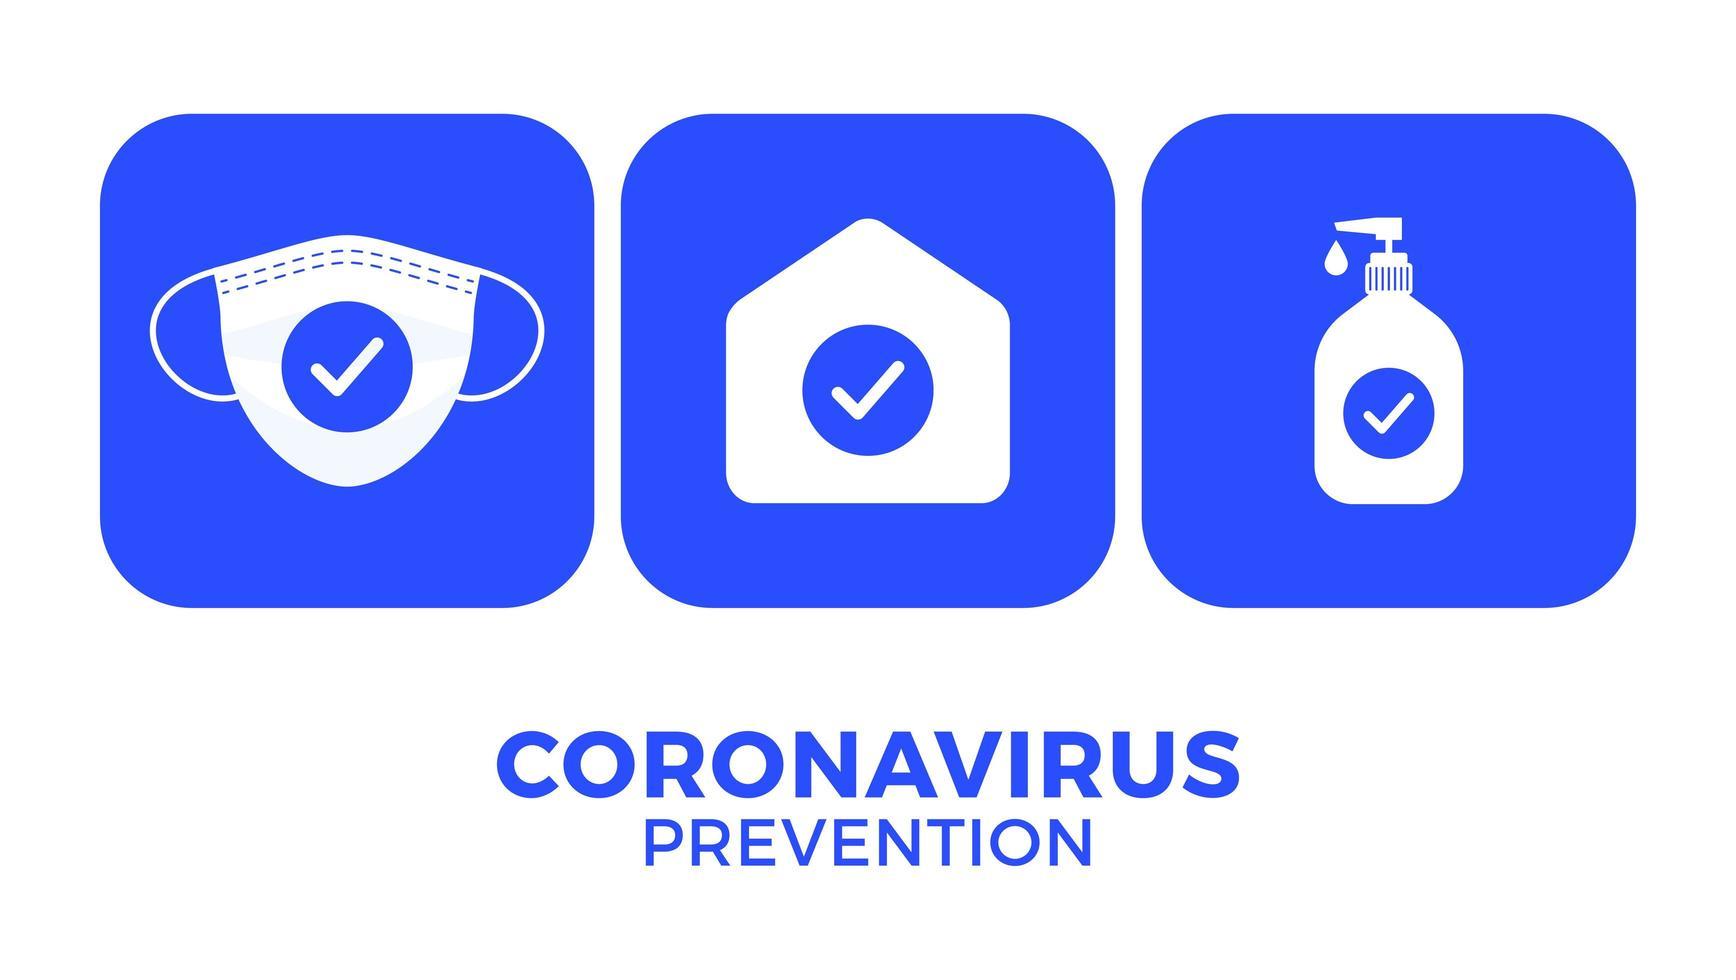 prevención de covid-19 todo en una ilustración de vector de cartel de icono. Folleto de protección contra el coronavirus con conjunto de iconos blancos. quedarse en casa, usar mascarilla, usar desinfectante para manos